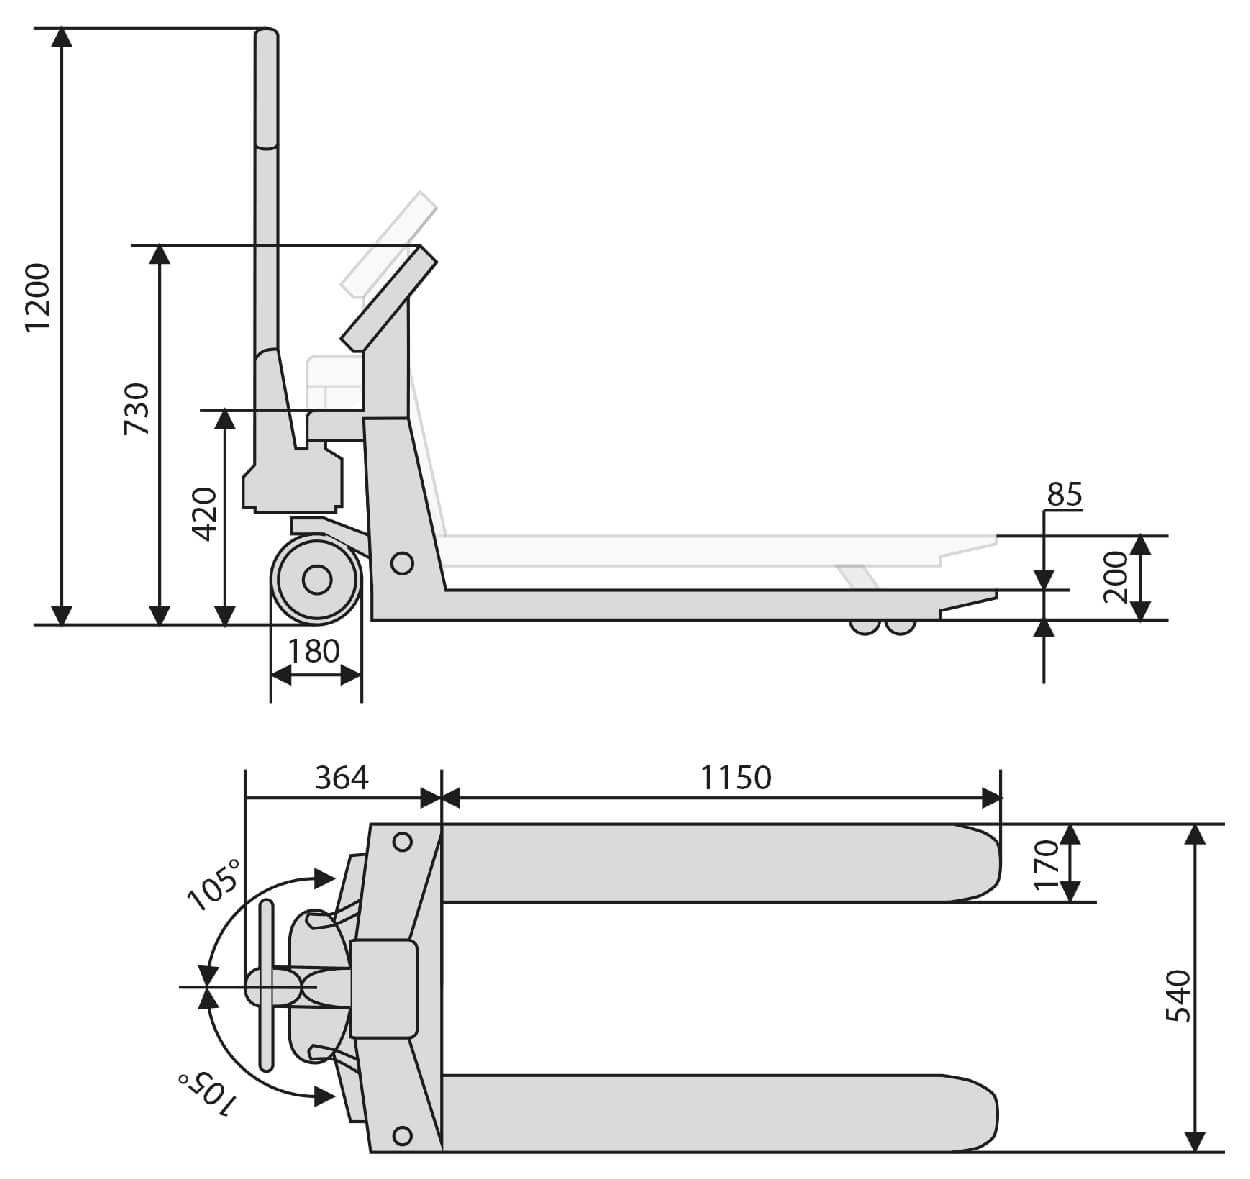 hubwagen_mit_waage-zeichnung